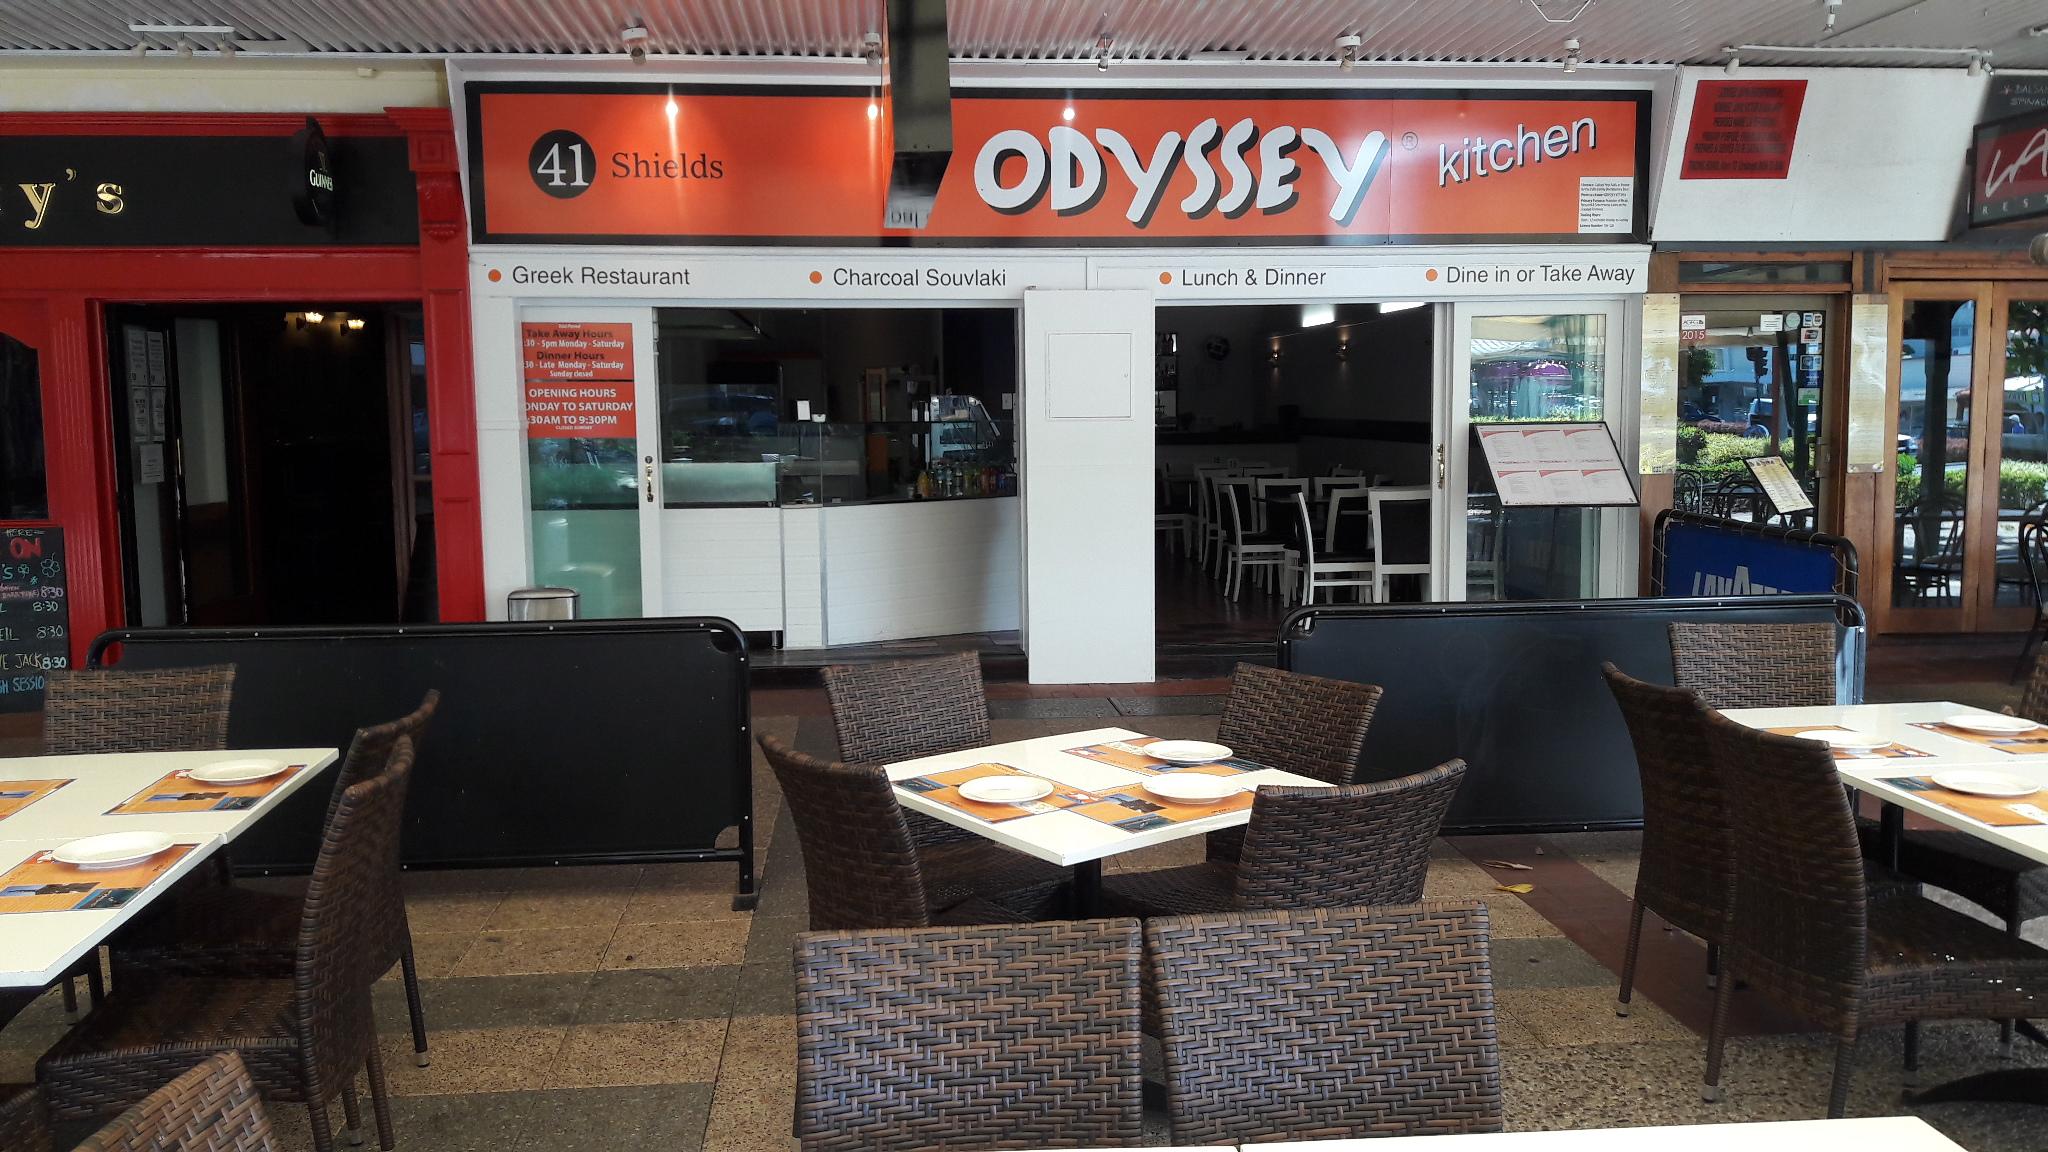 ODYSSEY Kitchen